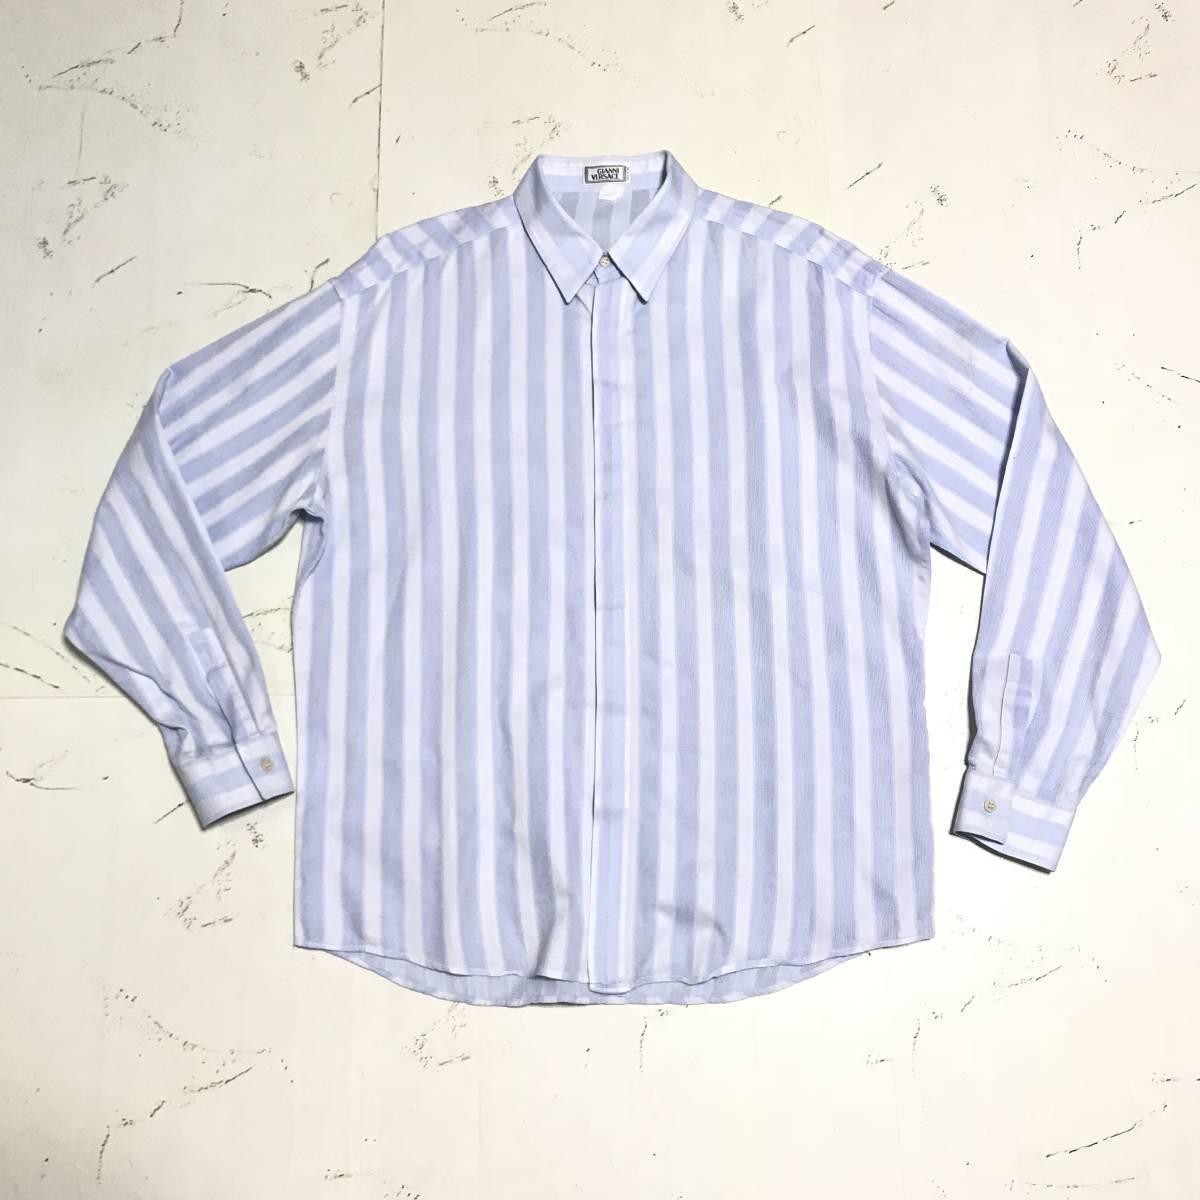 ★Gianni Versace/ヴェルサーチ★メンズ ストライプ柄 長袖 シャツ レギュラーカラー ブロード 水色 ライトブルー ドレスシャツ ワイシャツ_画像5